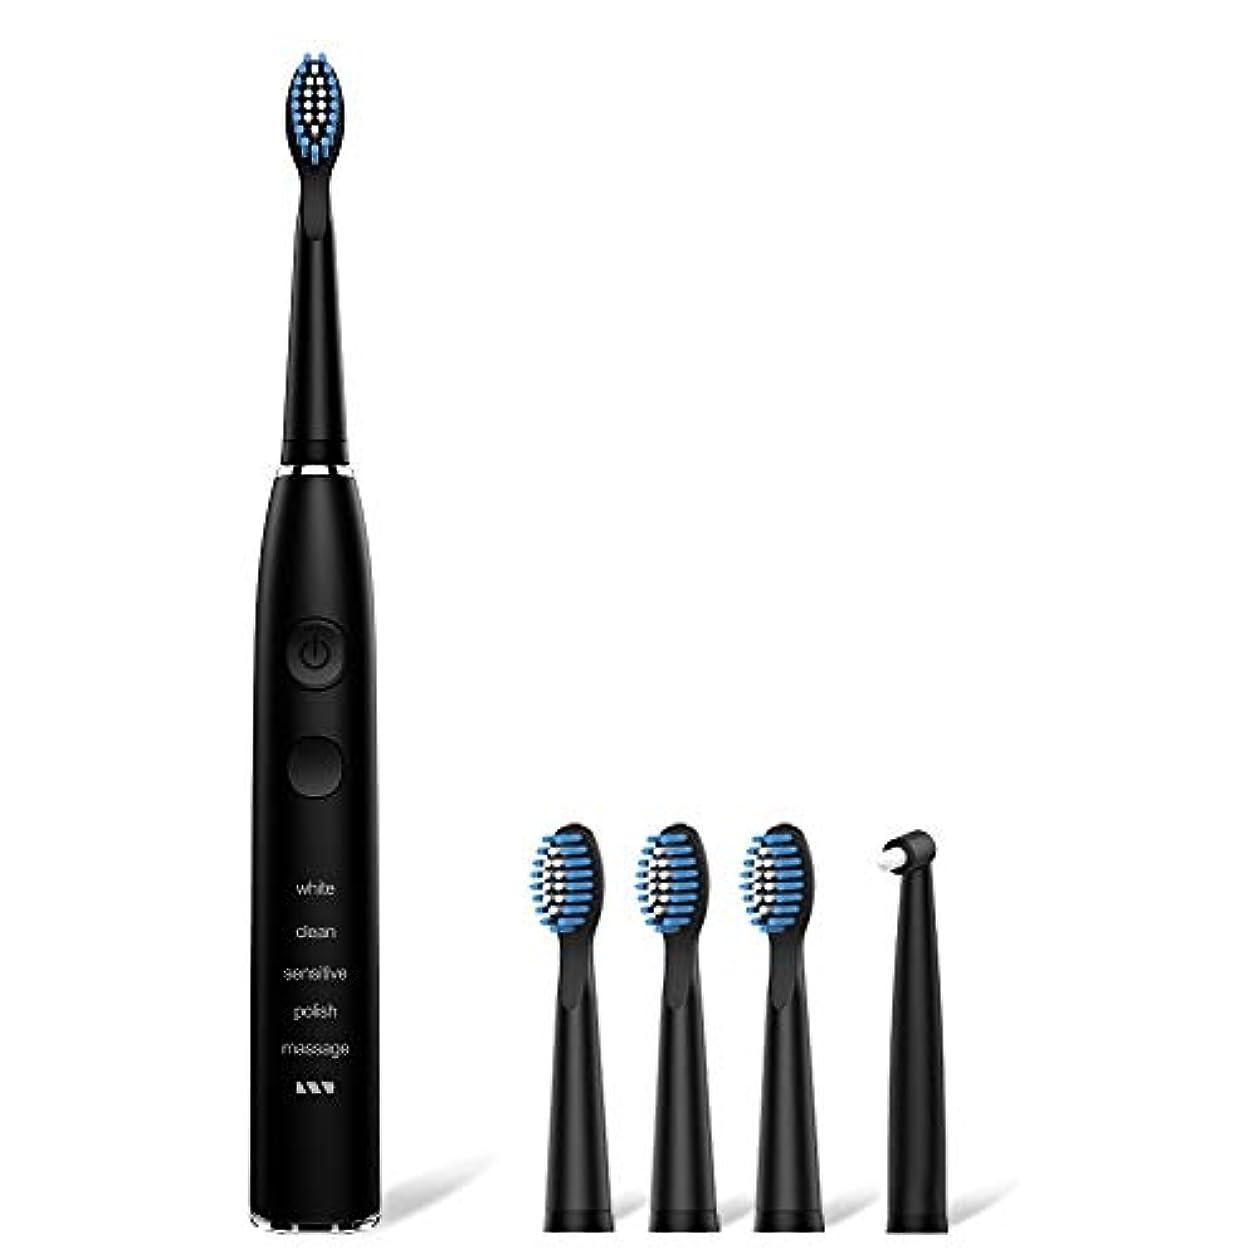 鳴り響く信条批判的電動歯ブラシ 歯ブラシ seago 音波歯ブラシ USB充電式8時間 365日に使用 IPX7防水 五つモードと2分オートタイマー機能搭載 替えブラシ5本 12ヶ月メーカー保証 SG-575 (黒)